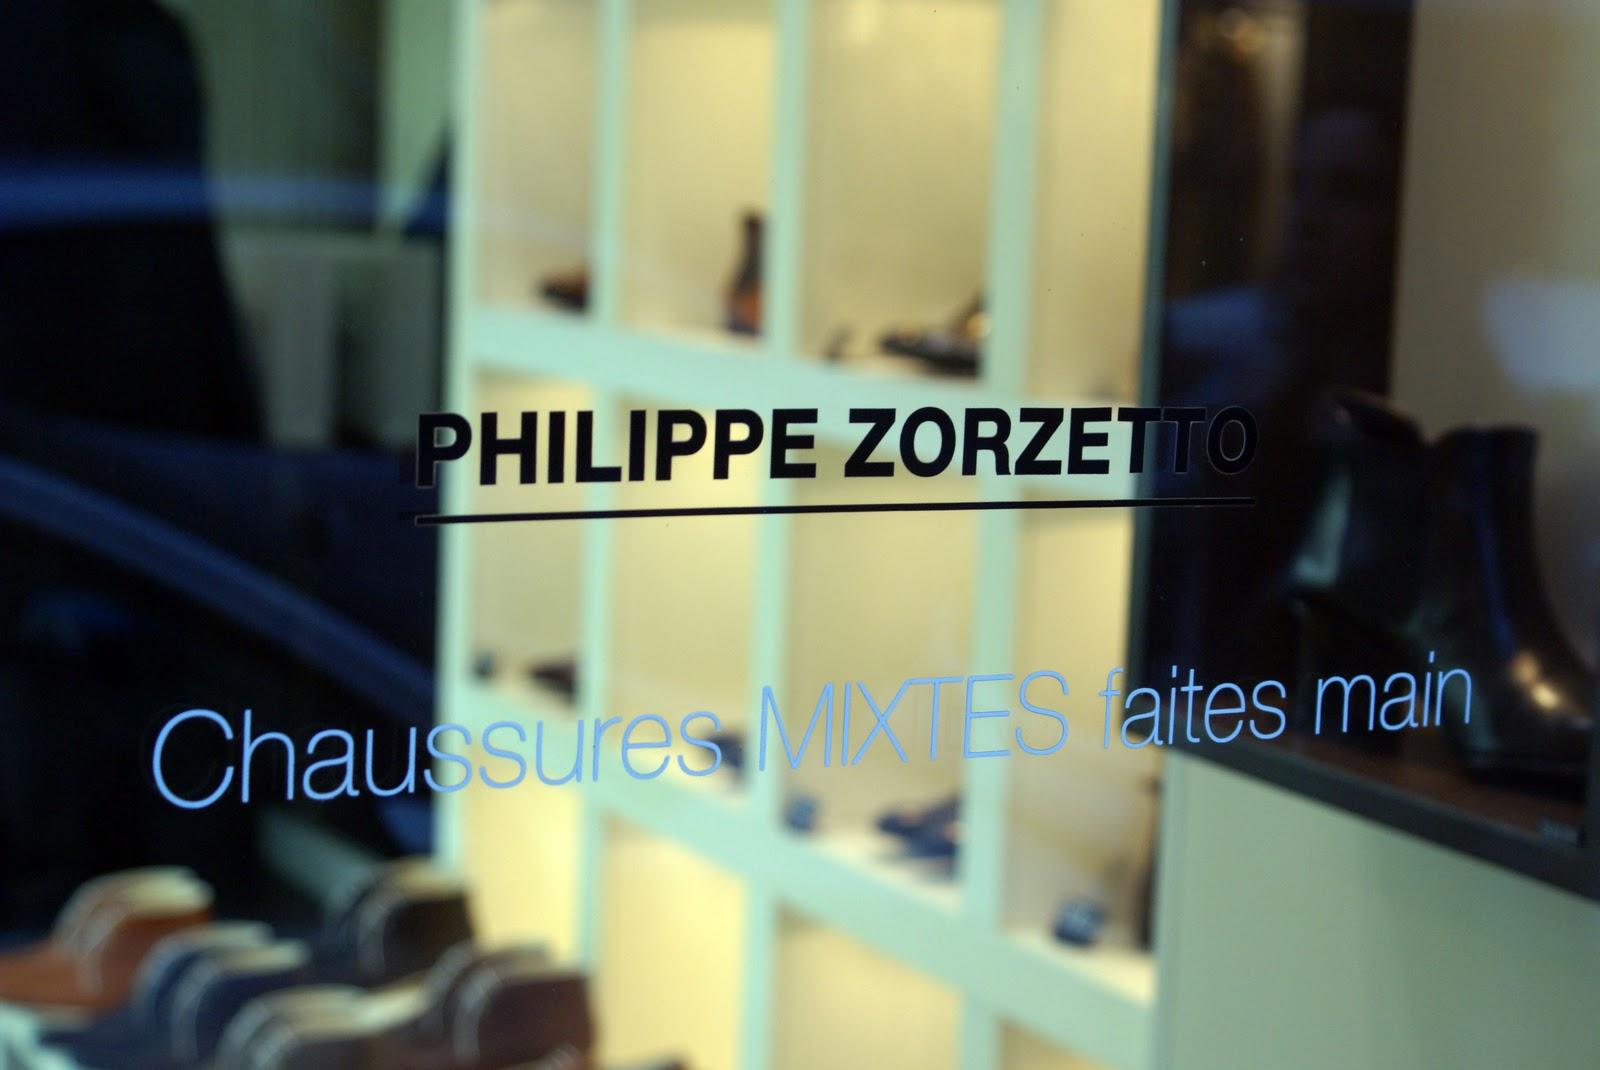 Les garçons aux foulards  A la rencontre du créateur Philippe Zorzetto 41a1dd3f9fba